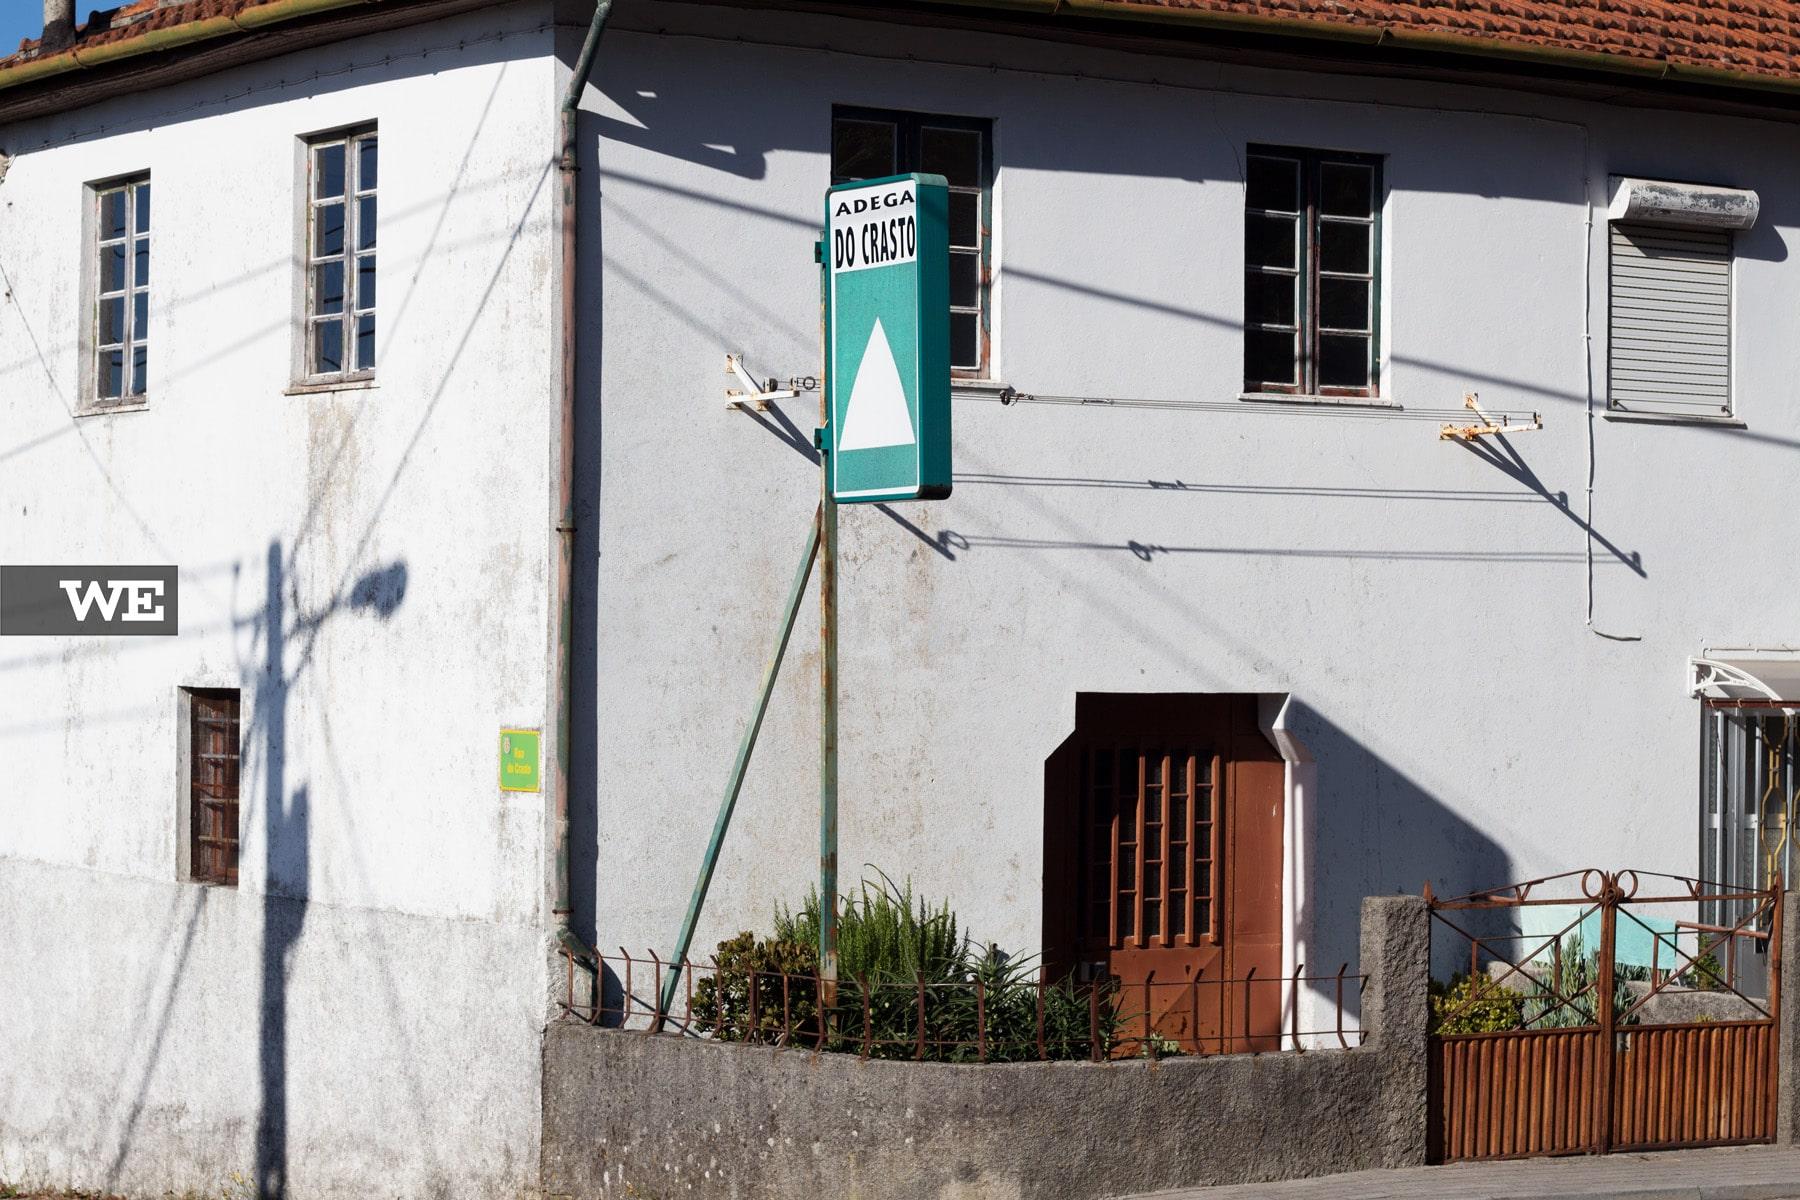 Adego do Crasto Tascos em Braga